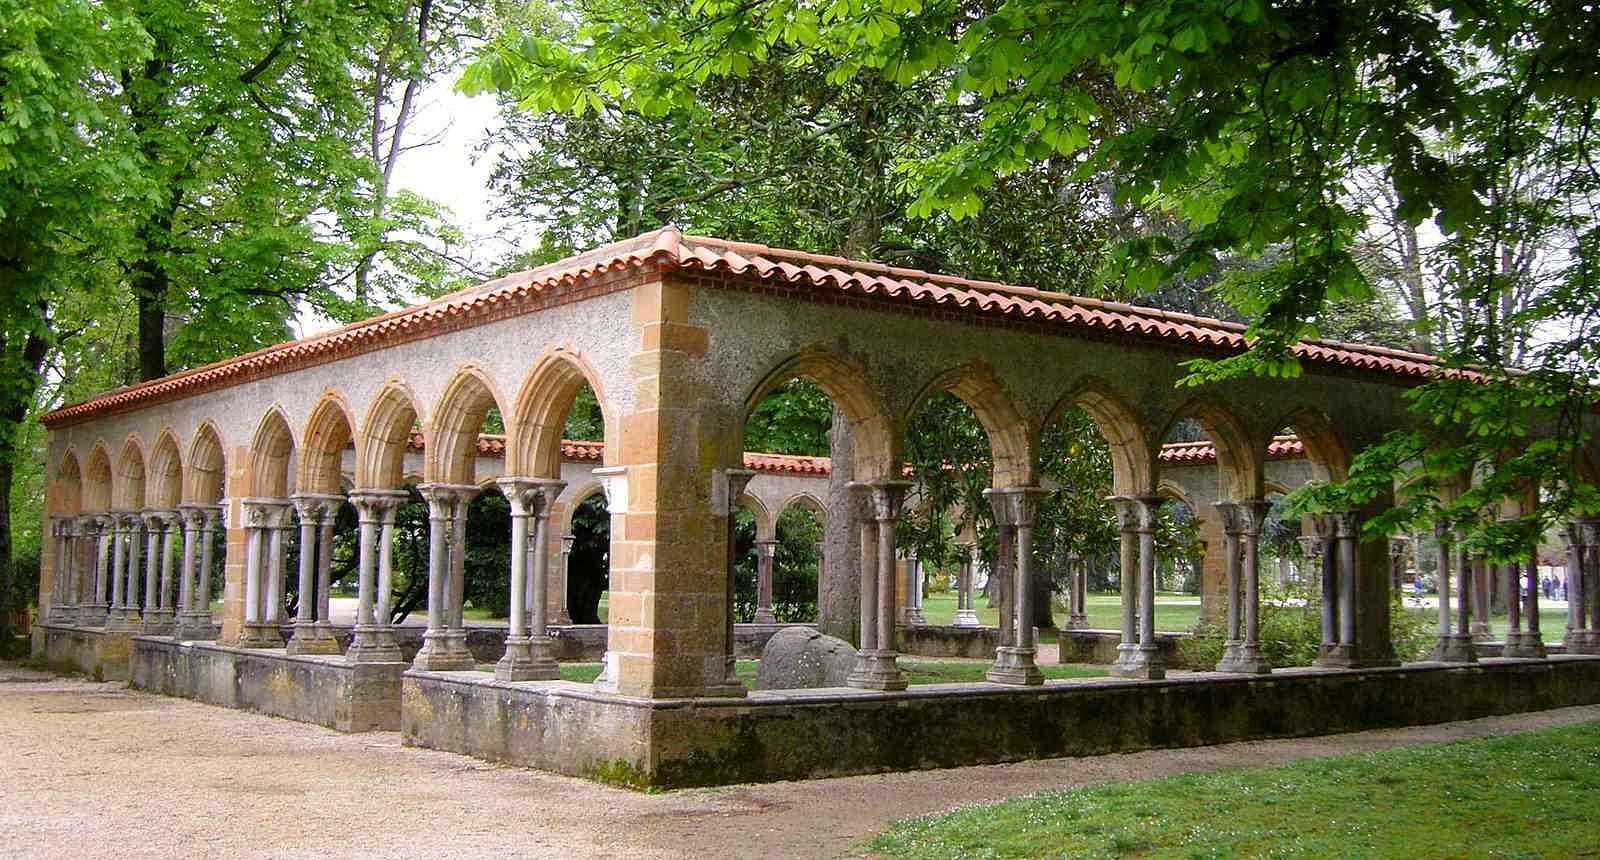 Le cloître de l'Abbaye de Saint-Sever au coeur du Jardin Massey de Tarbes